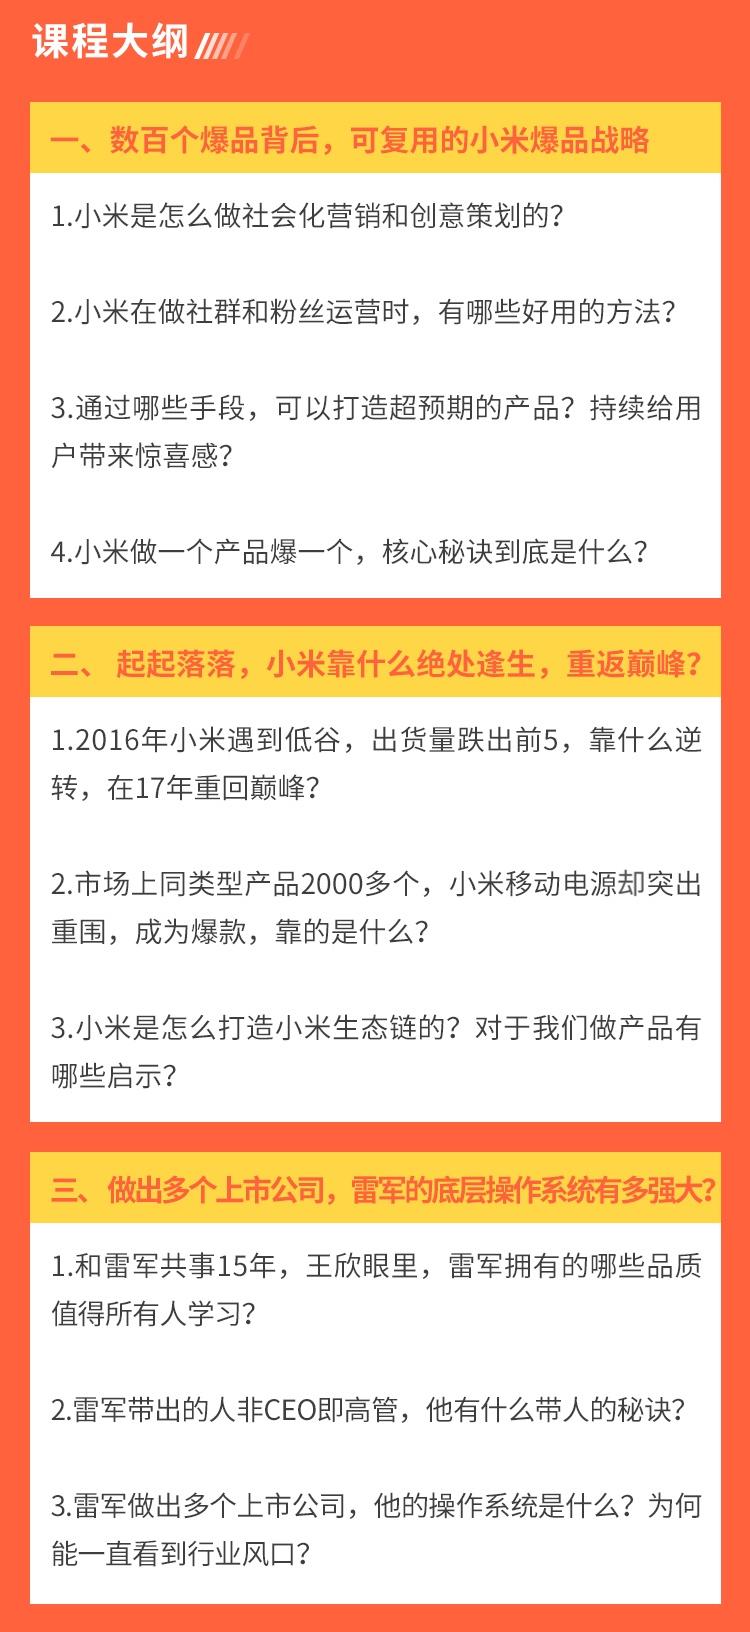 http://mtedu-img.oss-cn-beijing-internal.aliyuncs.com/ueditor/20200221210926_451213.jpeg